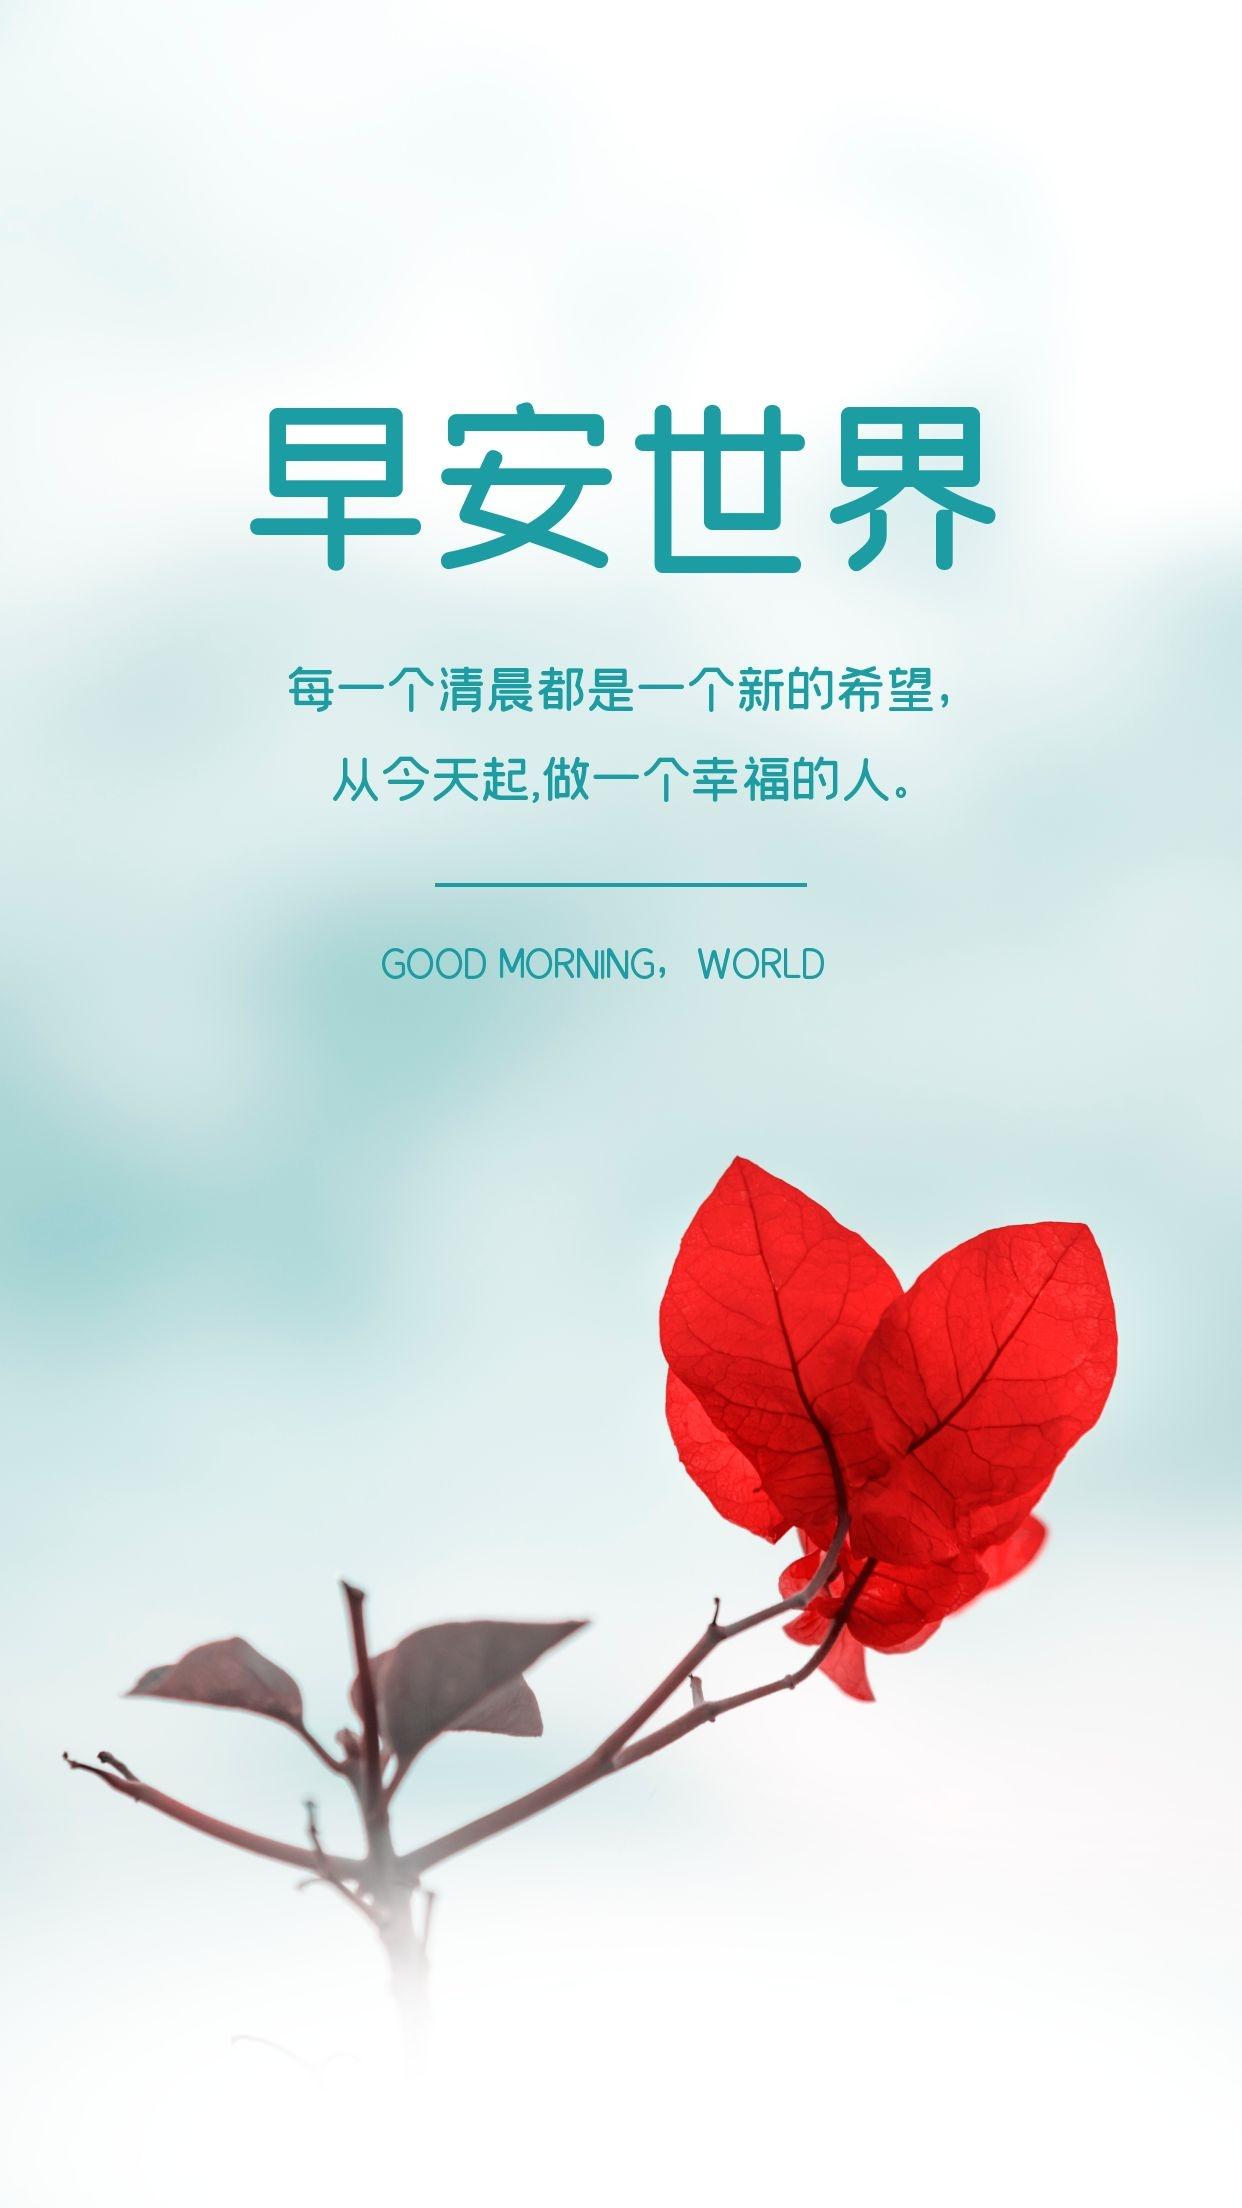 正能量早安心语图片句子,阳光早上好说说